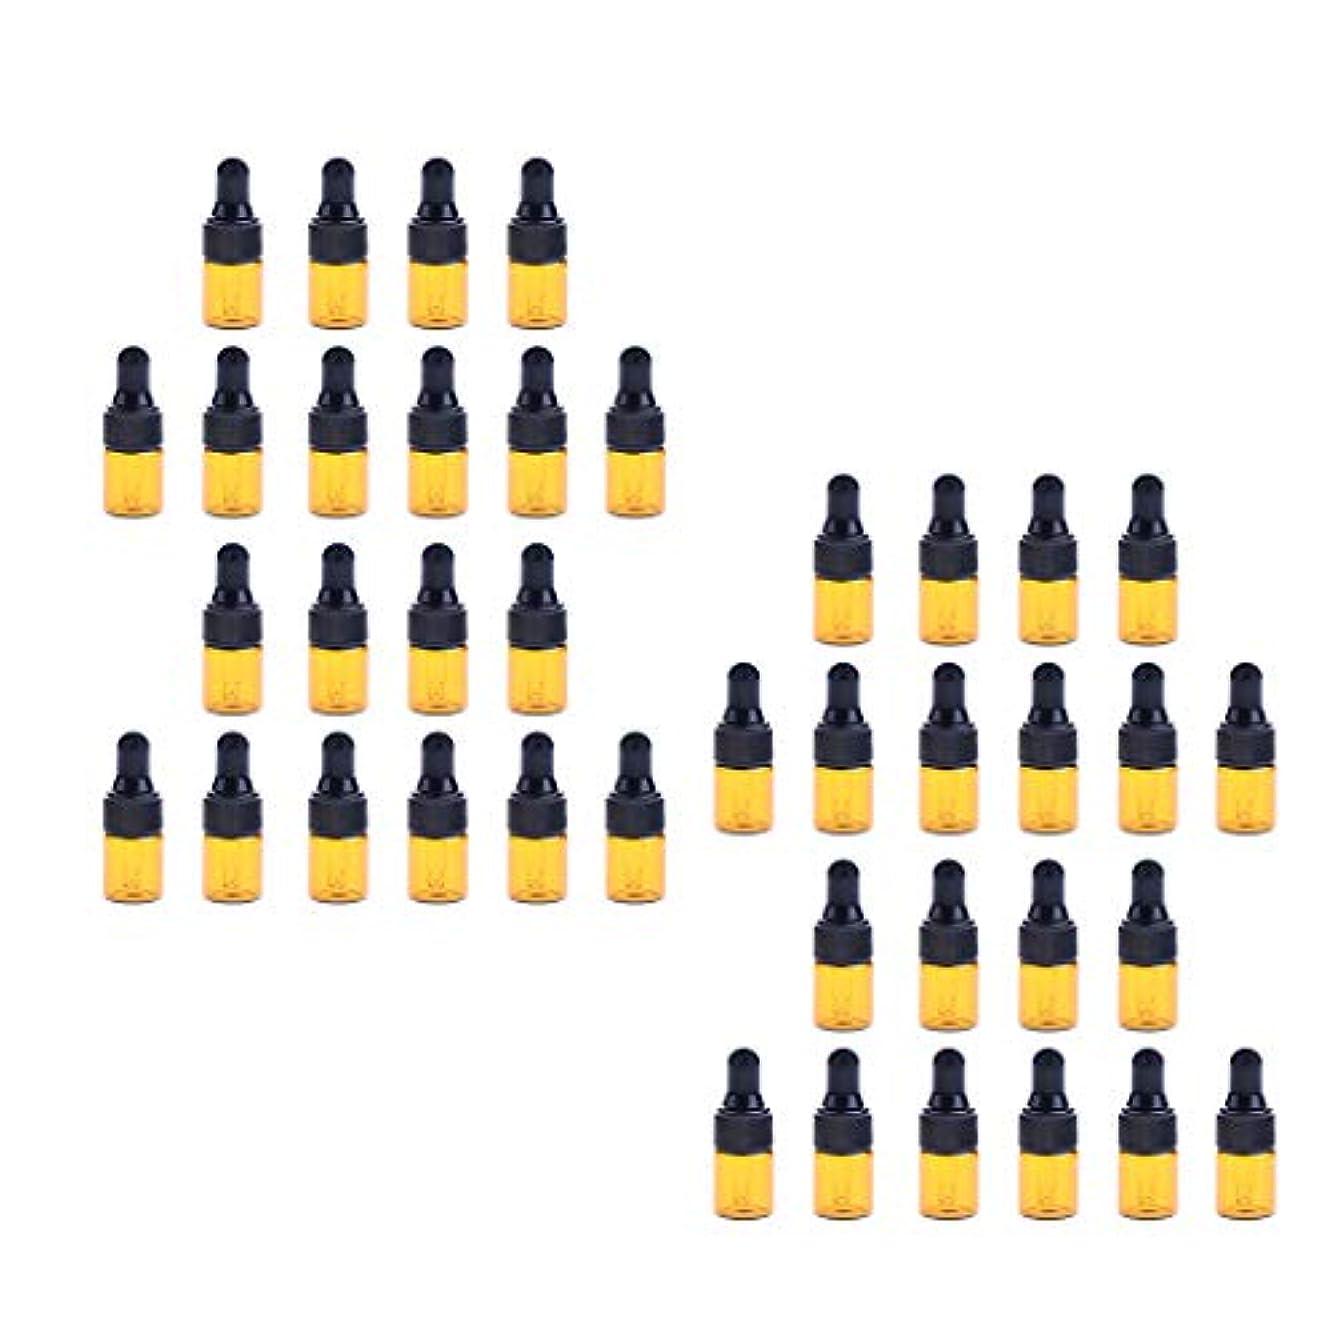 解任世代何故なのchiwanji 40個入 ドロッパーボトル ガラス瓶 エッセンシャルオイル 精油 保存容器 詰め替え 小型 1ml /2ml